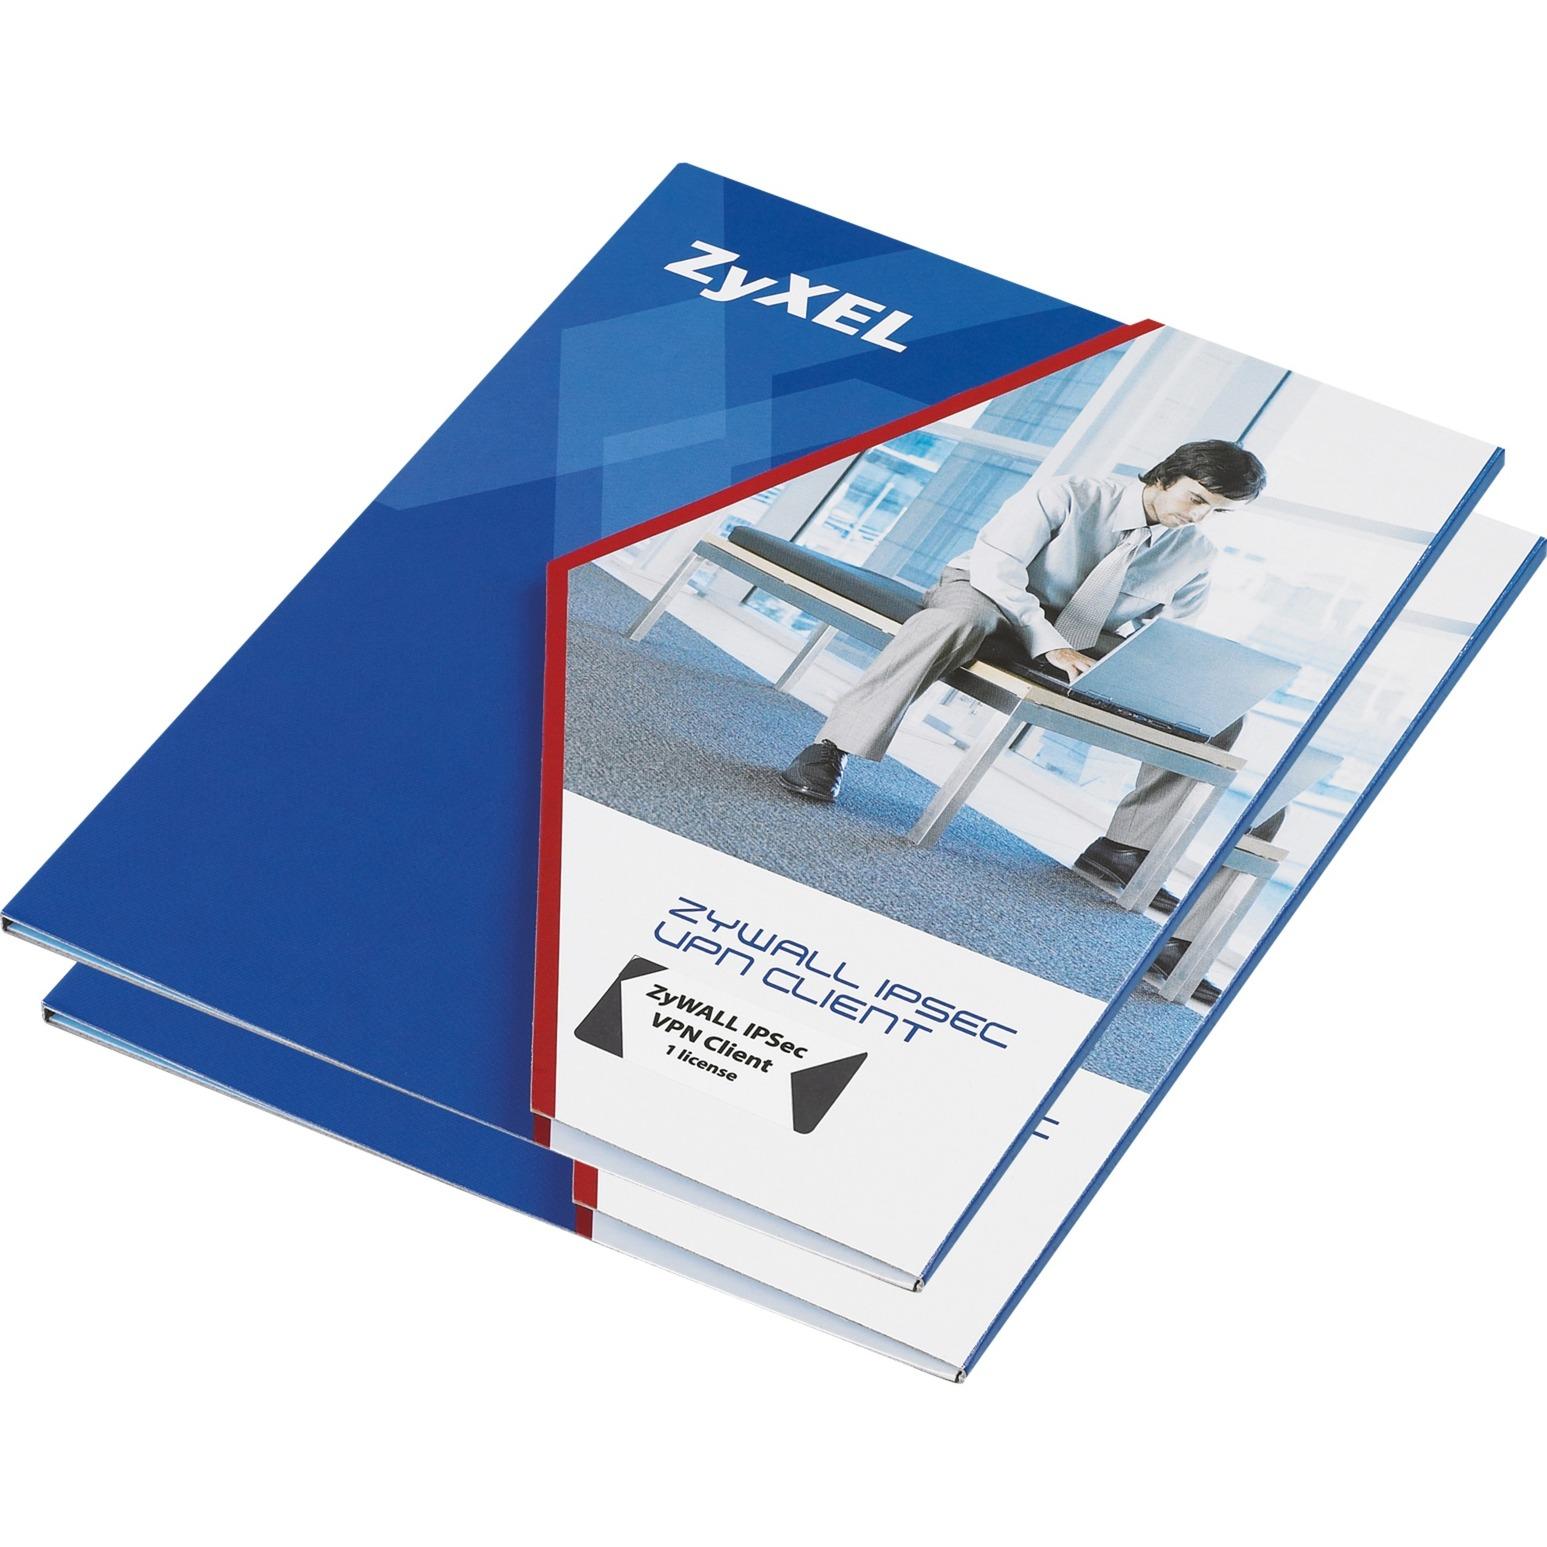 LIC-EAP-ZZ0020F licencia y actualización de software 4 licencia(s)